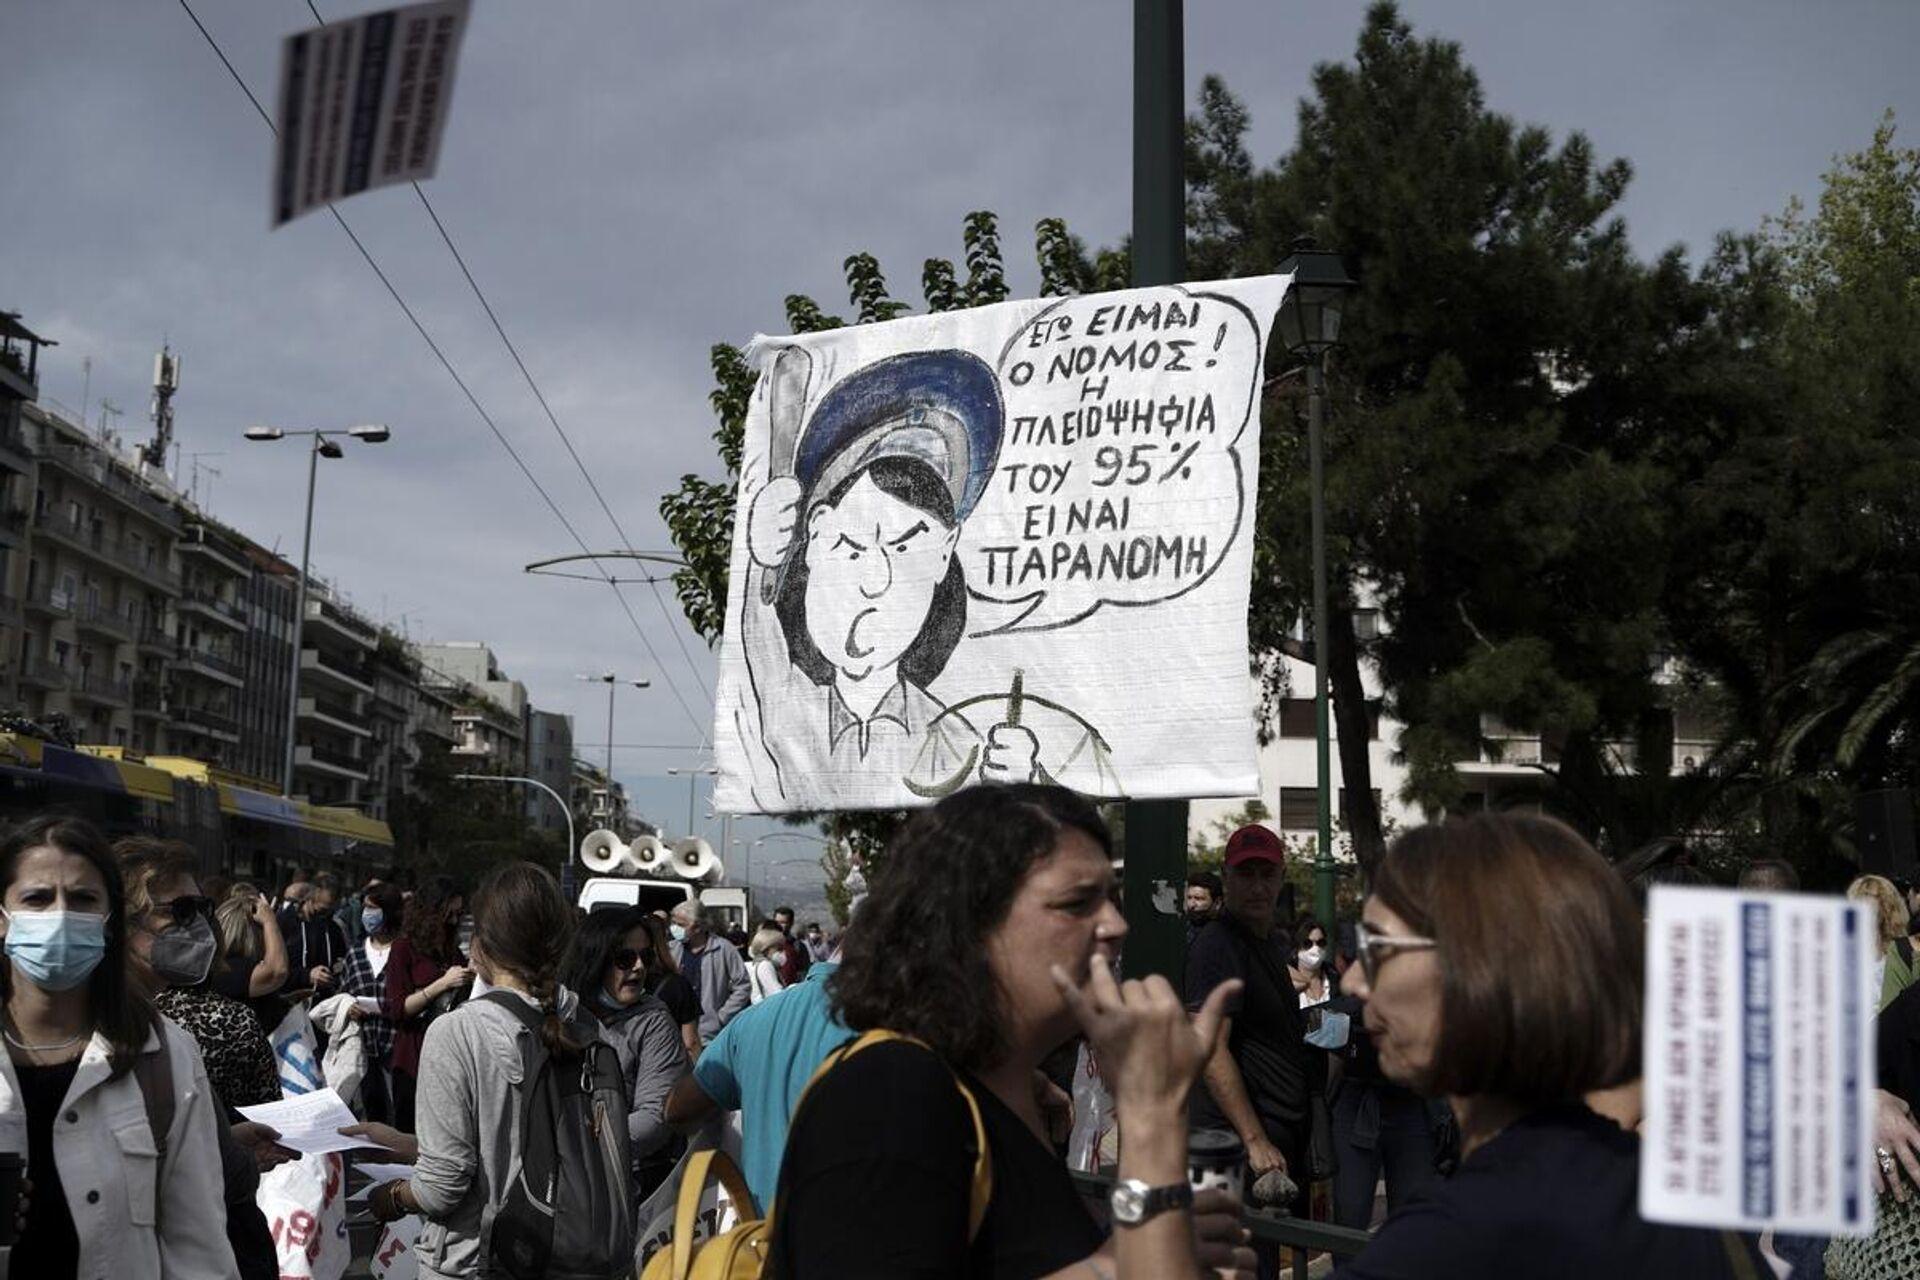 Διαμαρτυρία εκπαιδευτικών έξω από το Εφετείο, στην Αθήνα - Sputnik Ελλάδα, 1920, 11.10.2021